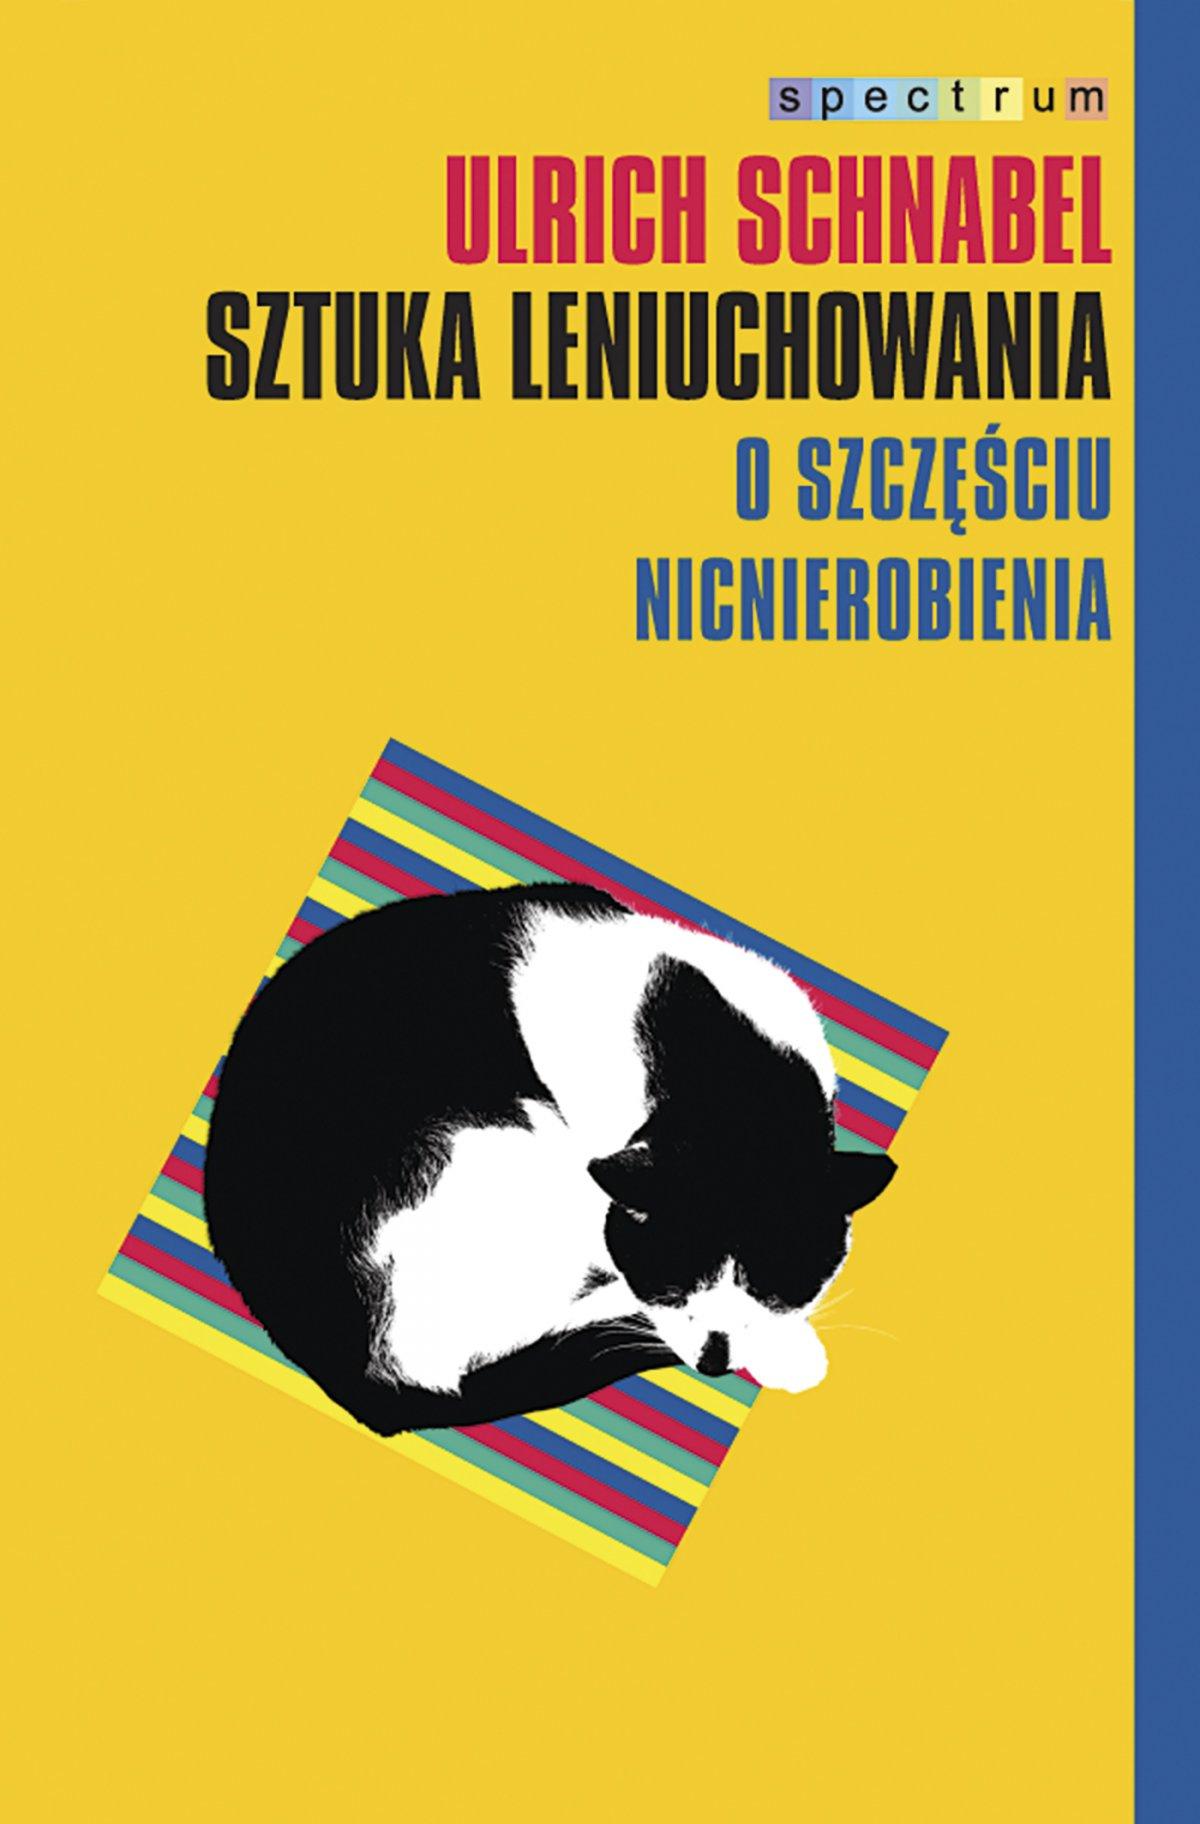 Sztuka leniuchowania. O szczęściu nicnierobienia - Ebook (Książka EPUB) do pobrania w formacie EPUB